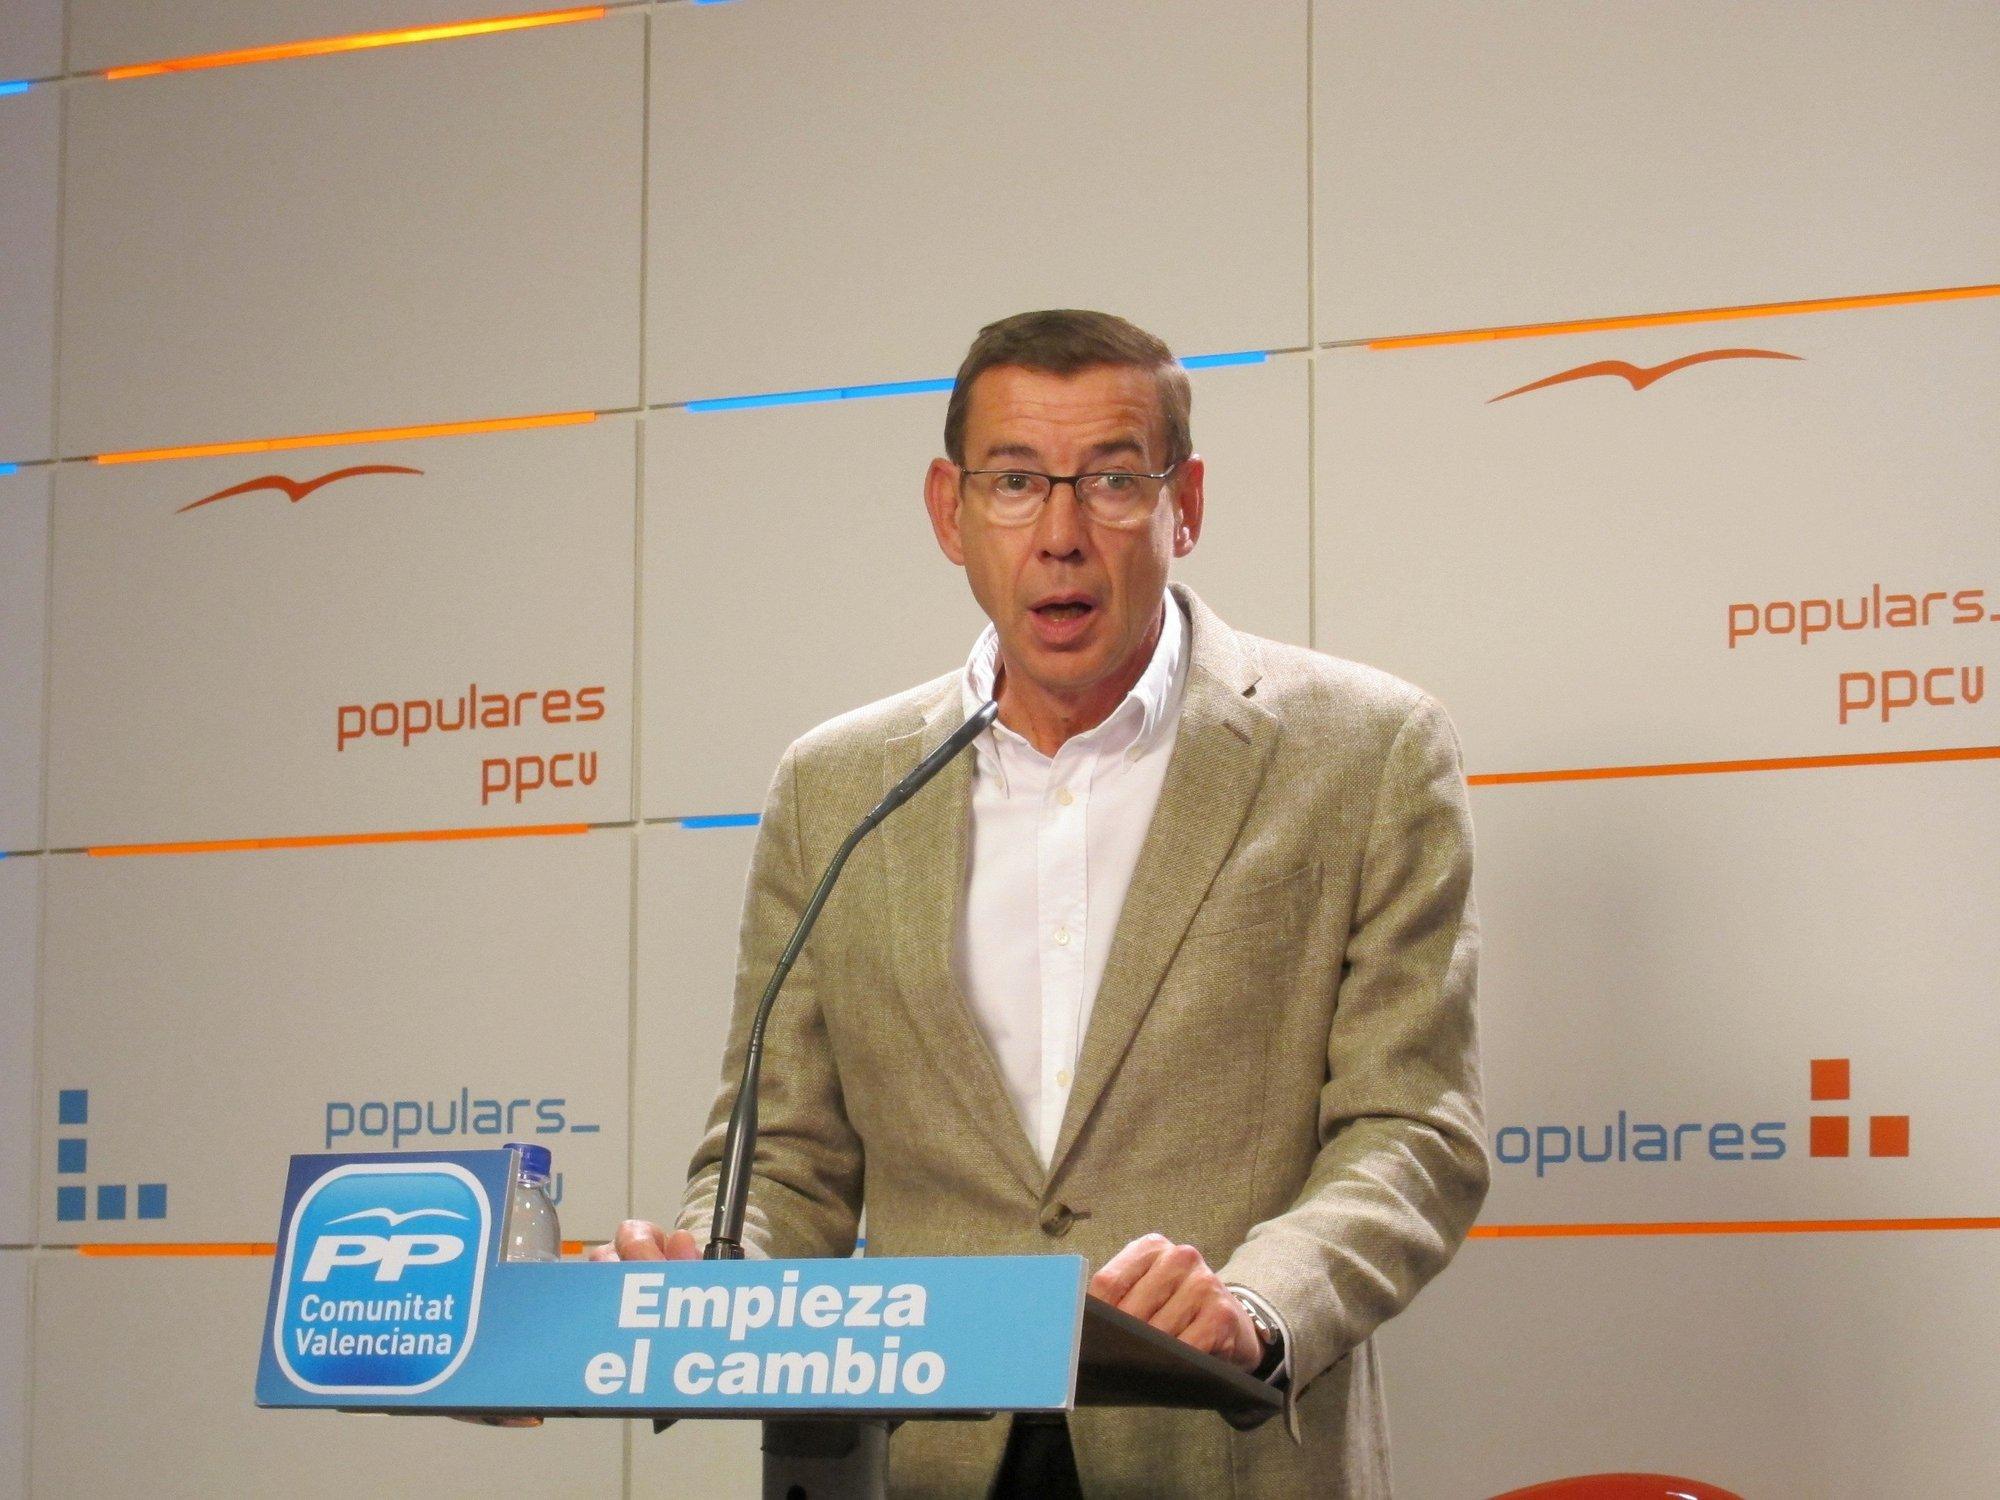 Clemente critica el «discurso oportunista» de Alarte y destaca la «defensa firme» de Fabra sobre Corredor Mediterráneo